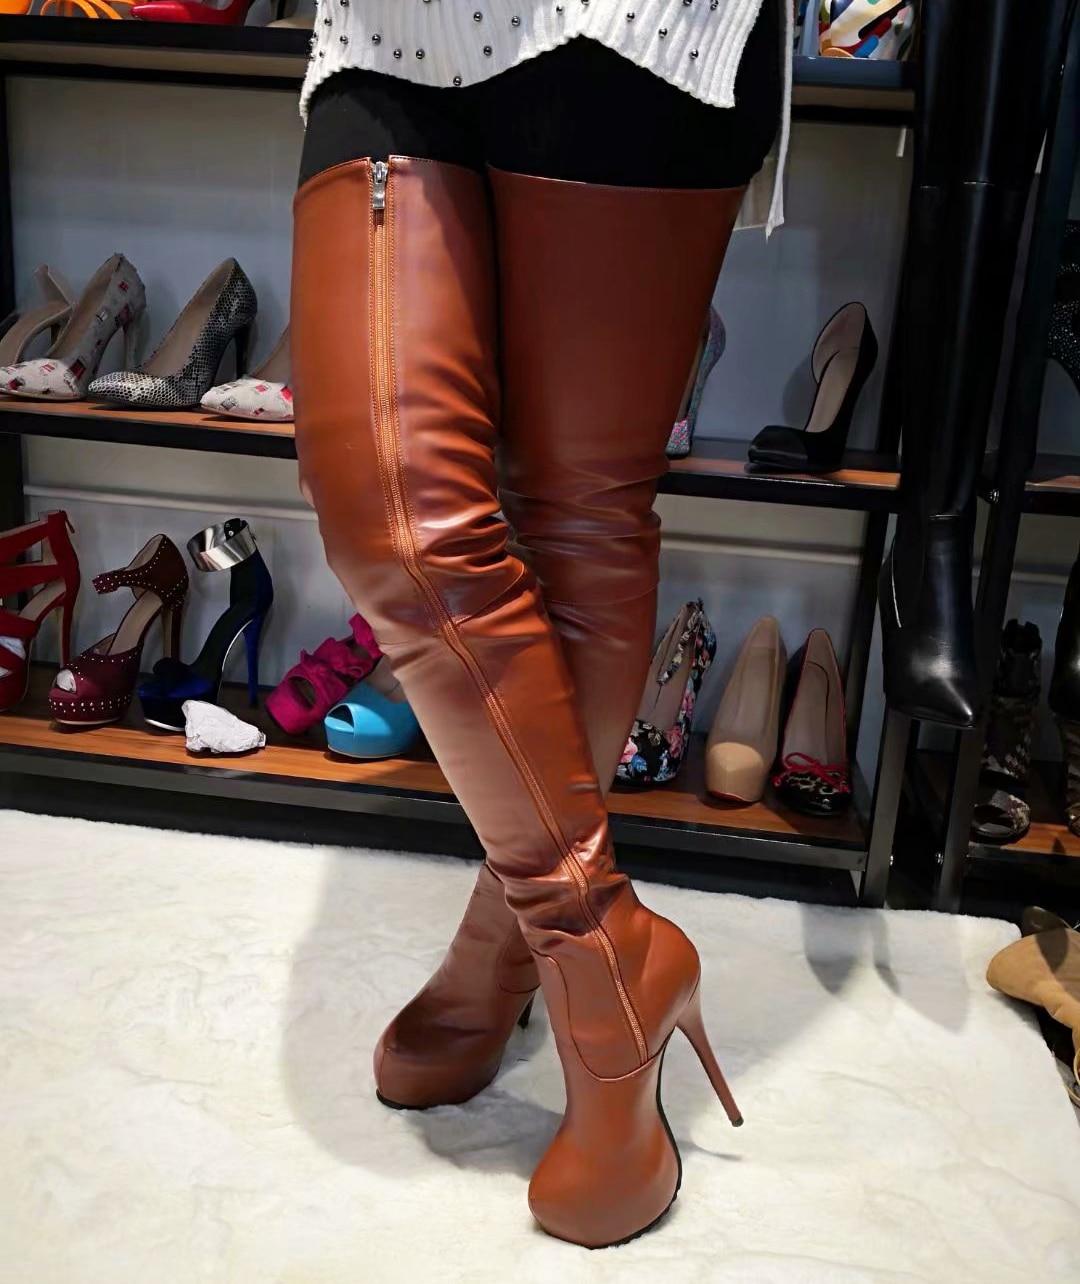 ffdd8ce5356 Details about SUPER Women Thigh High Boots Platform High Heels Boots Shoes  Women BIG Size 4-20